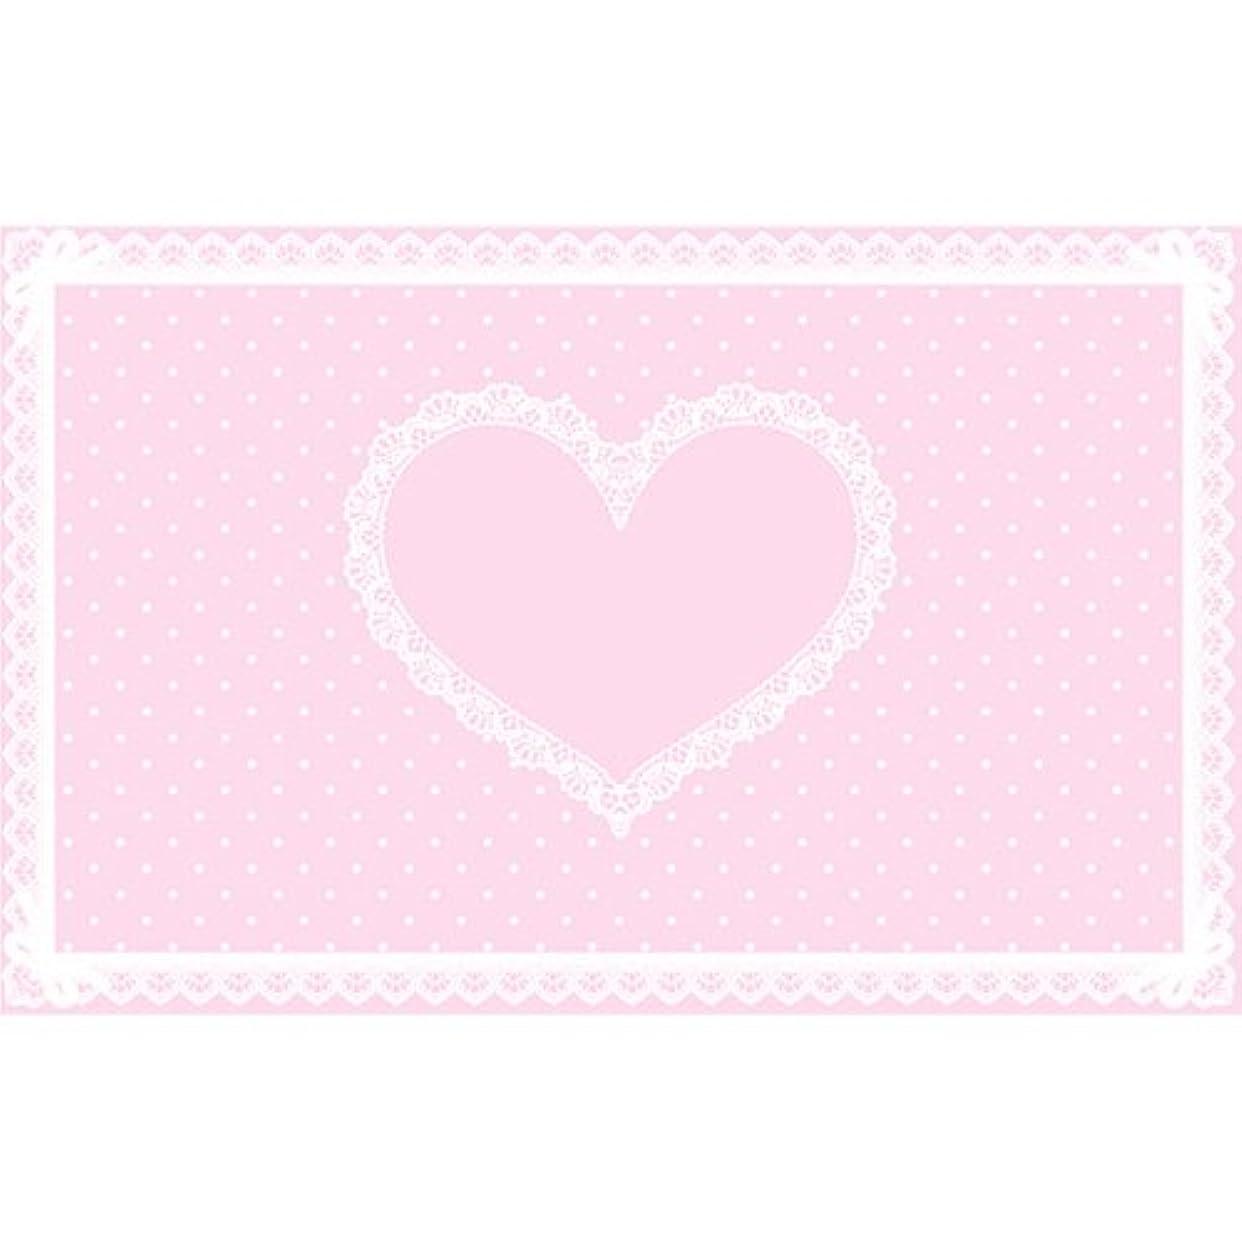 上流のファランクスジャズシリコンネイルマット ピンク